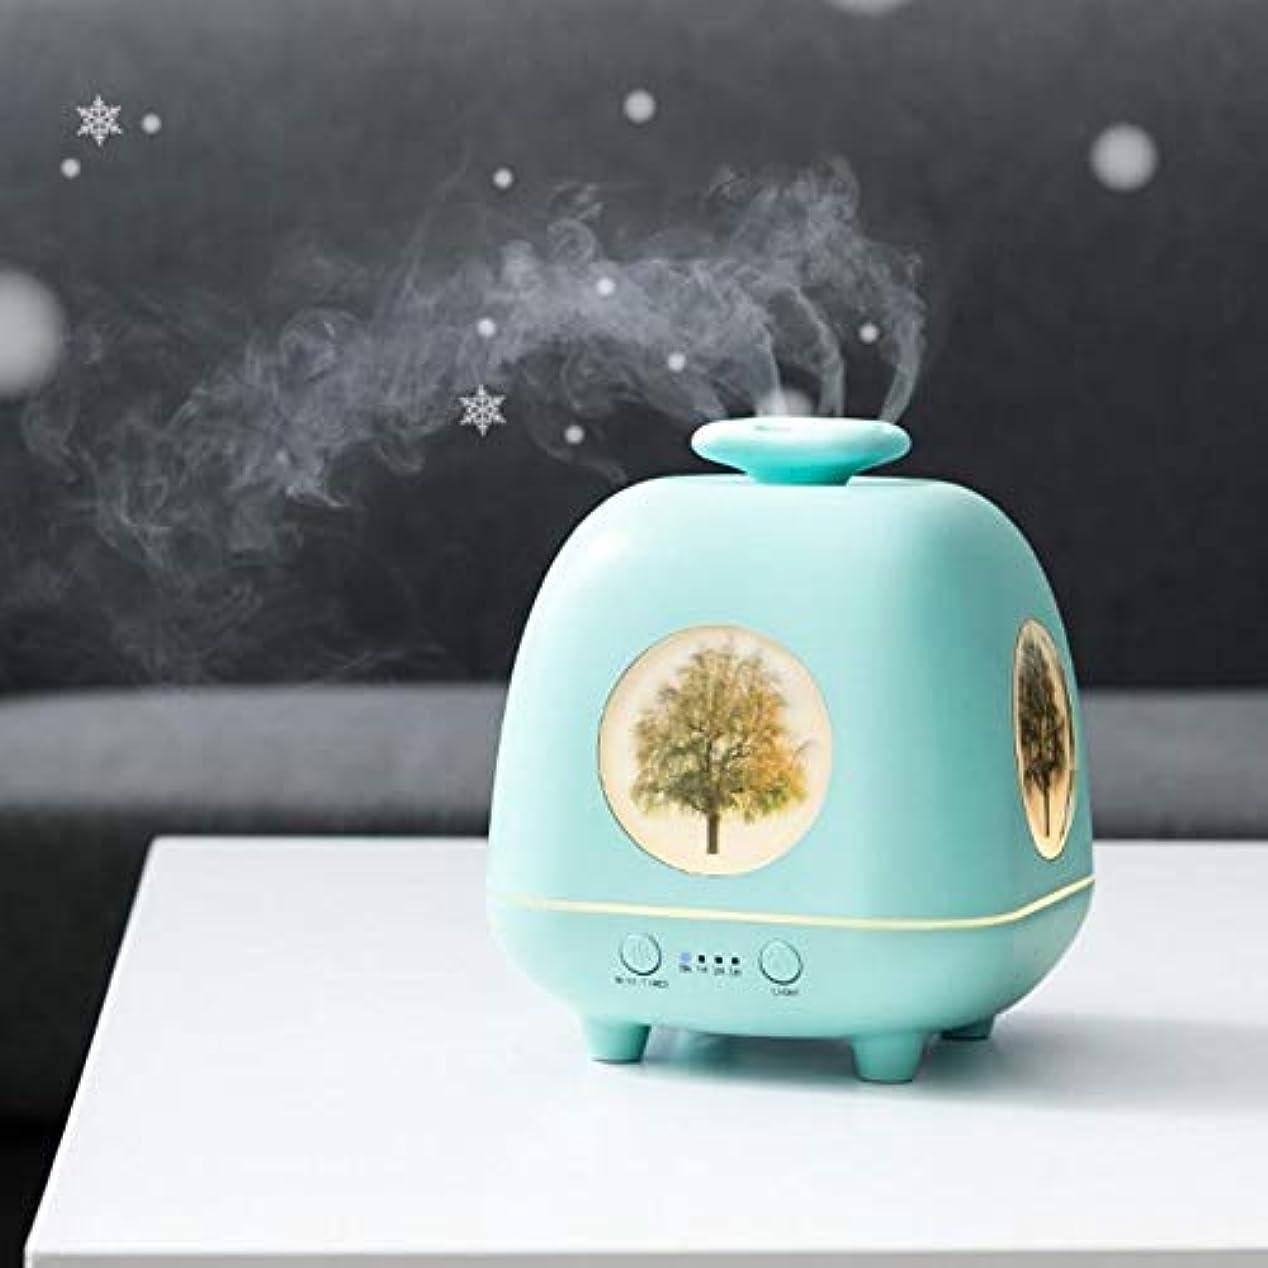 モード火傷スワップ涼しい霧 香り 精油 ディフューザー,7 色 空気を浄化 4穴ノズル 加湿器 時間 加湿機 ホーム Yoga デスク オフィス ベッド-青 230ml